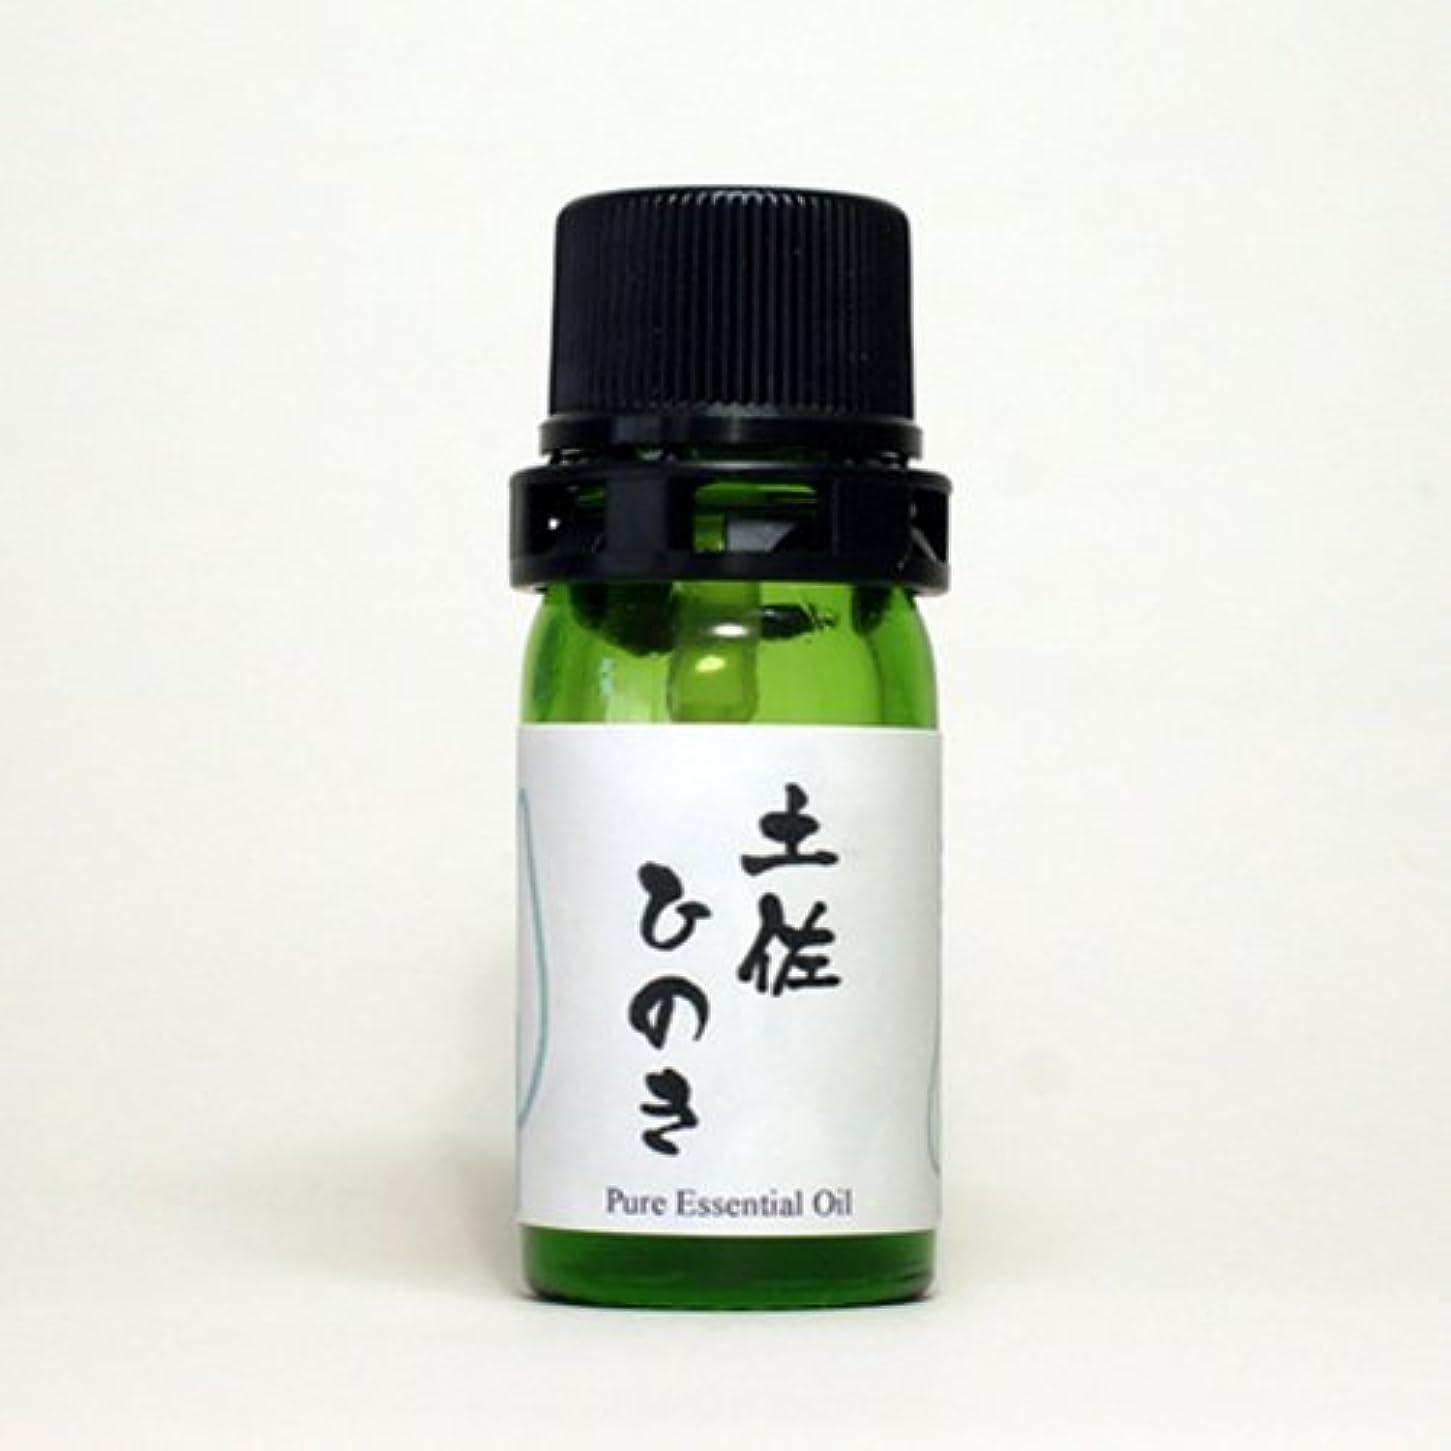 クッション機密コンベンション和精油 土佐ひのき(高知県産) エッセンシャルオイル 5ml